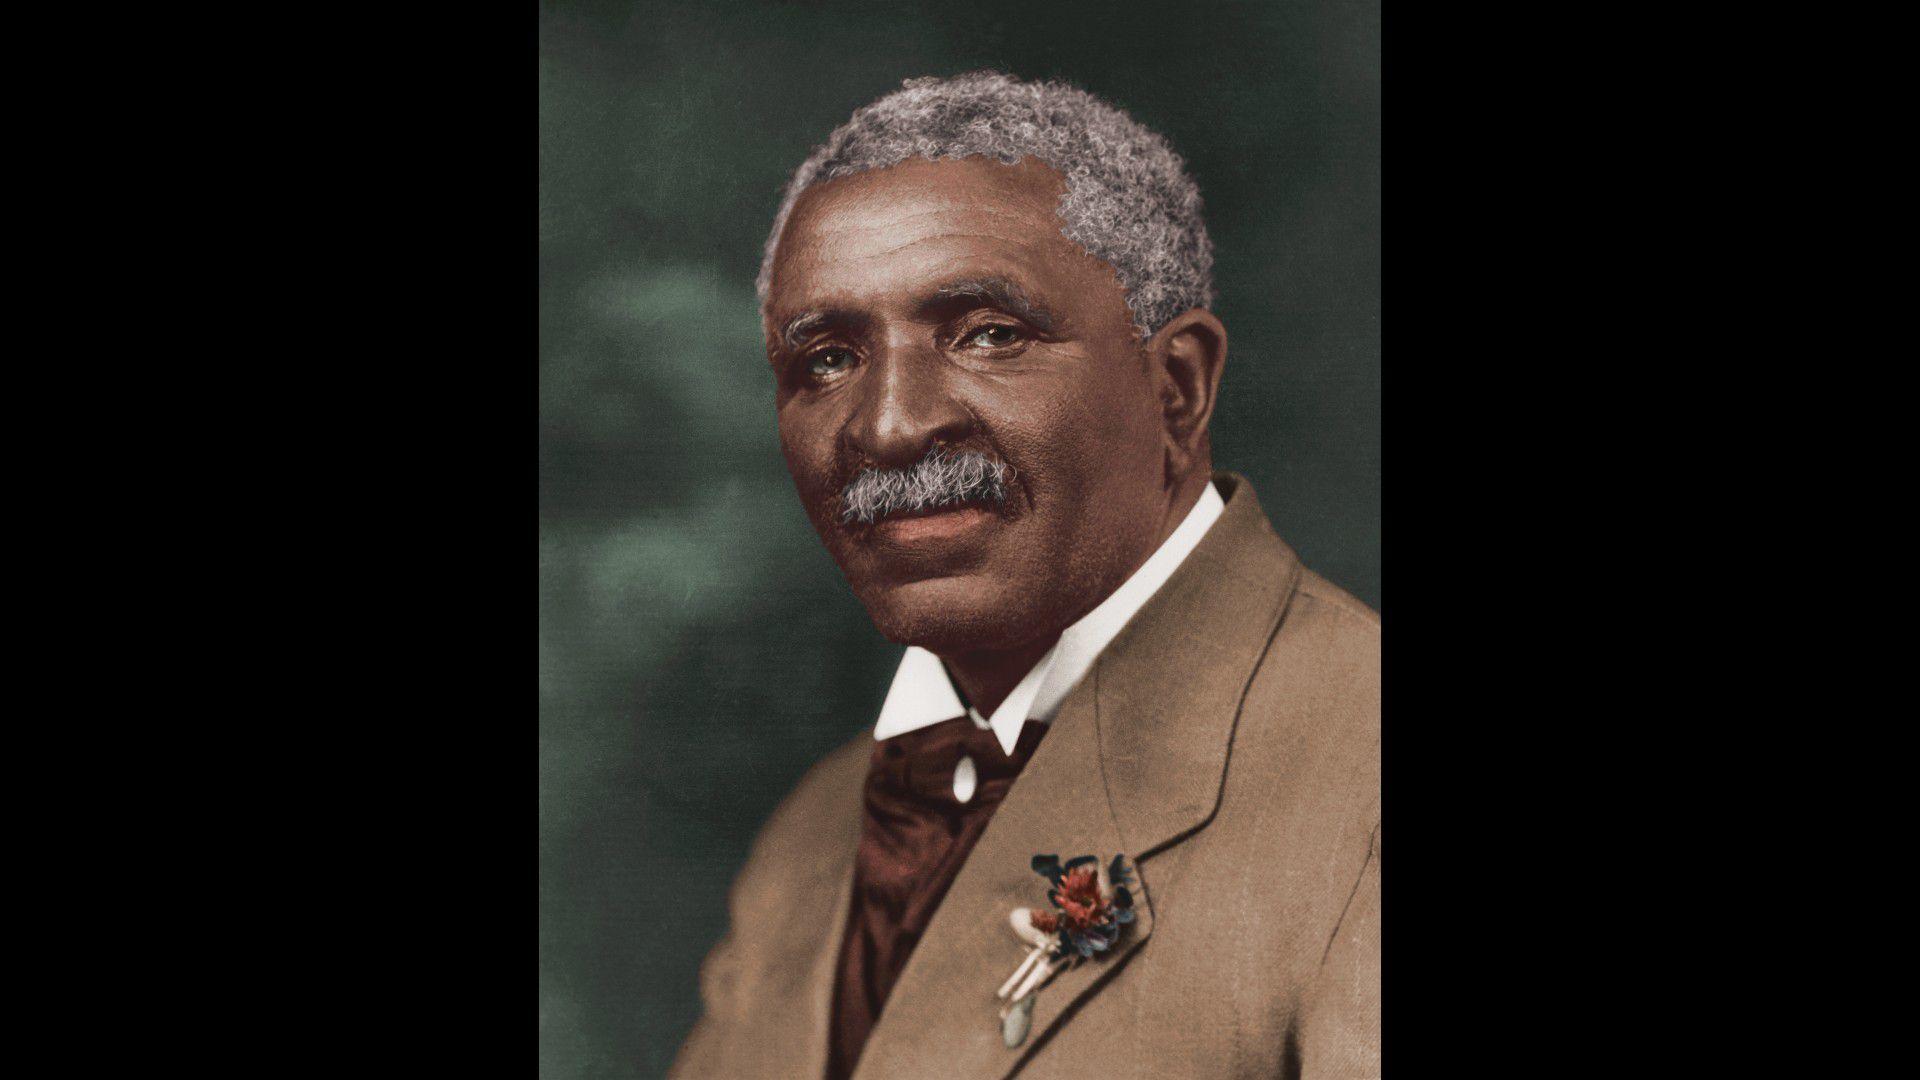 السيرة الذاتية لجورج واشنطن كارفر اكتشف 300 يستخدم لالفول السوداني